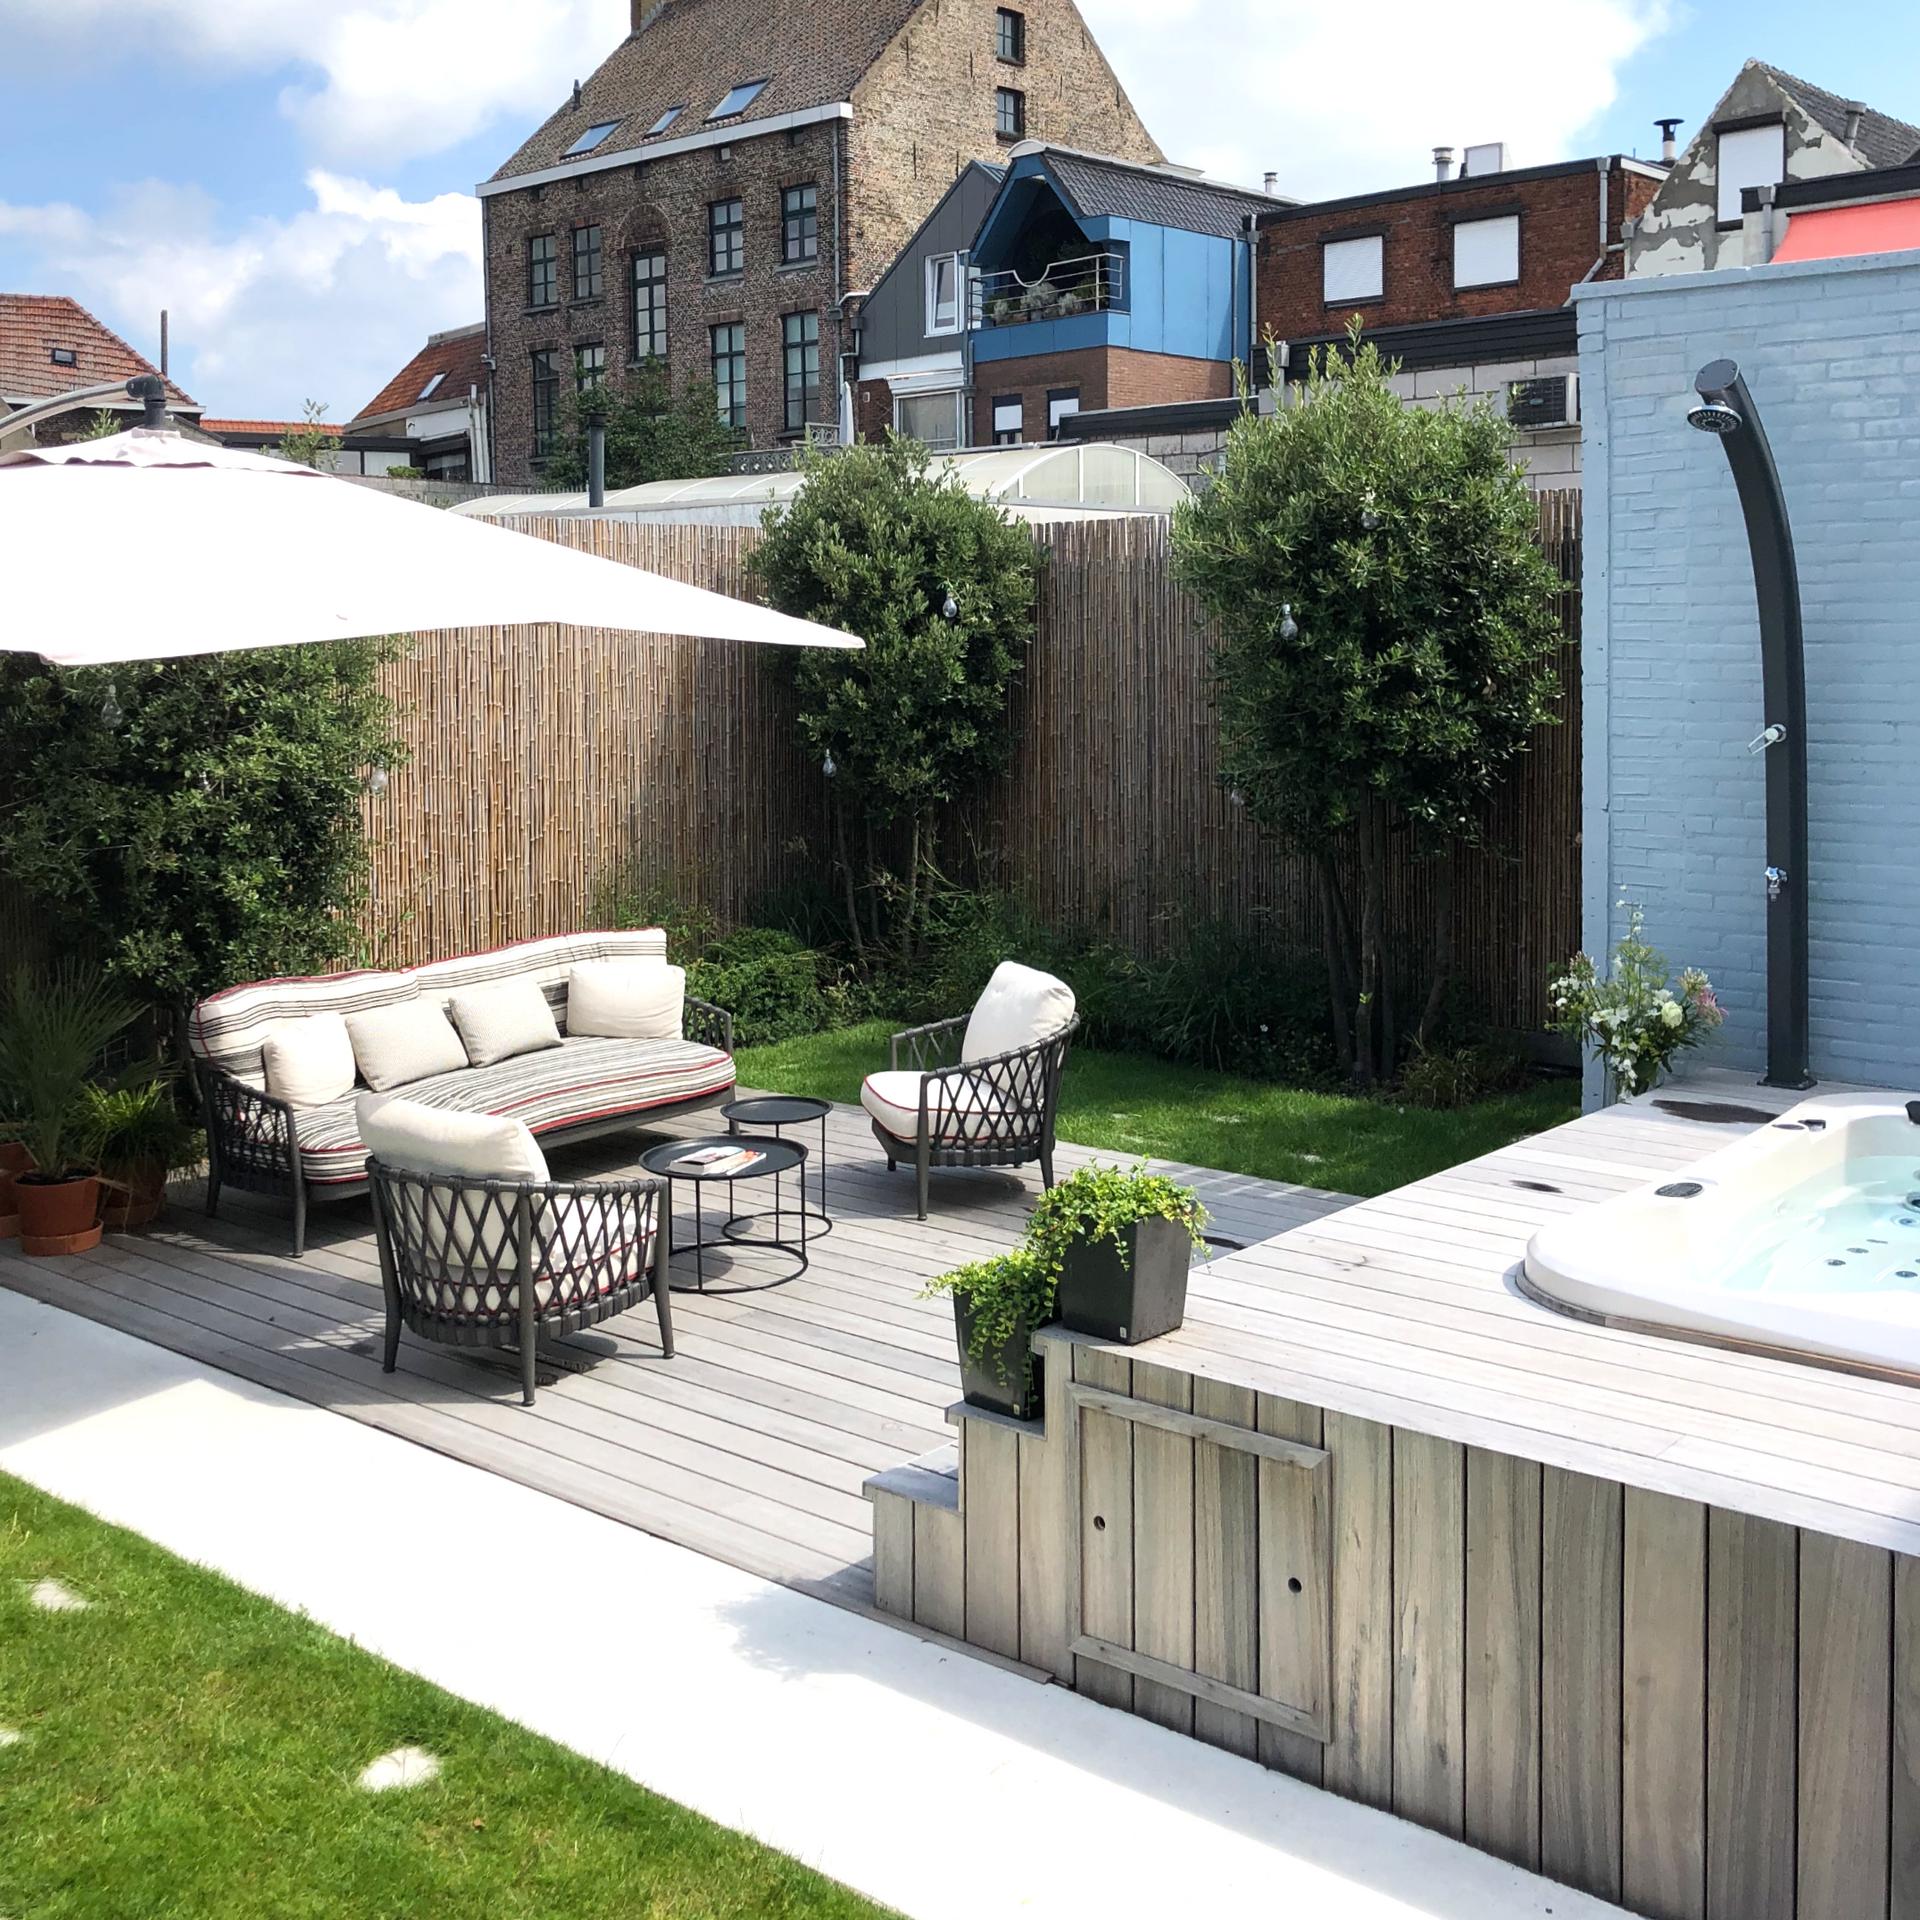 De stadstuin  |   Sas van Gent  |  100 m²